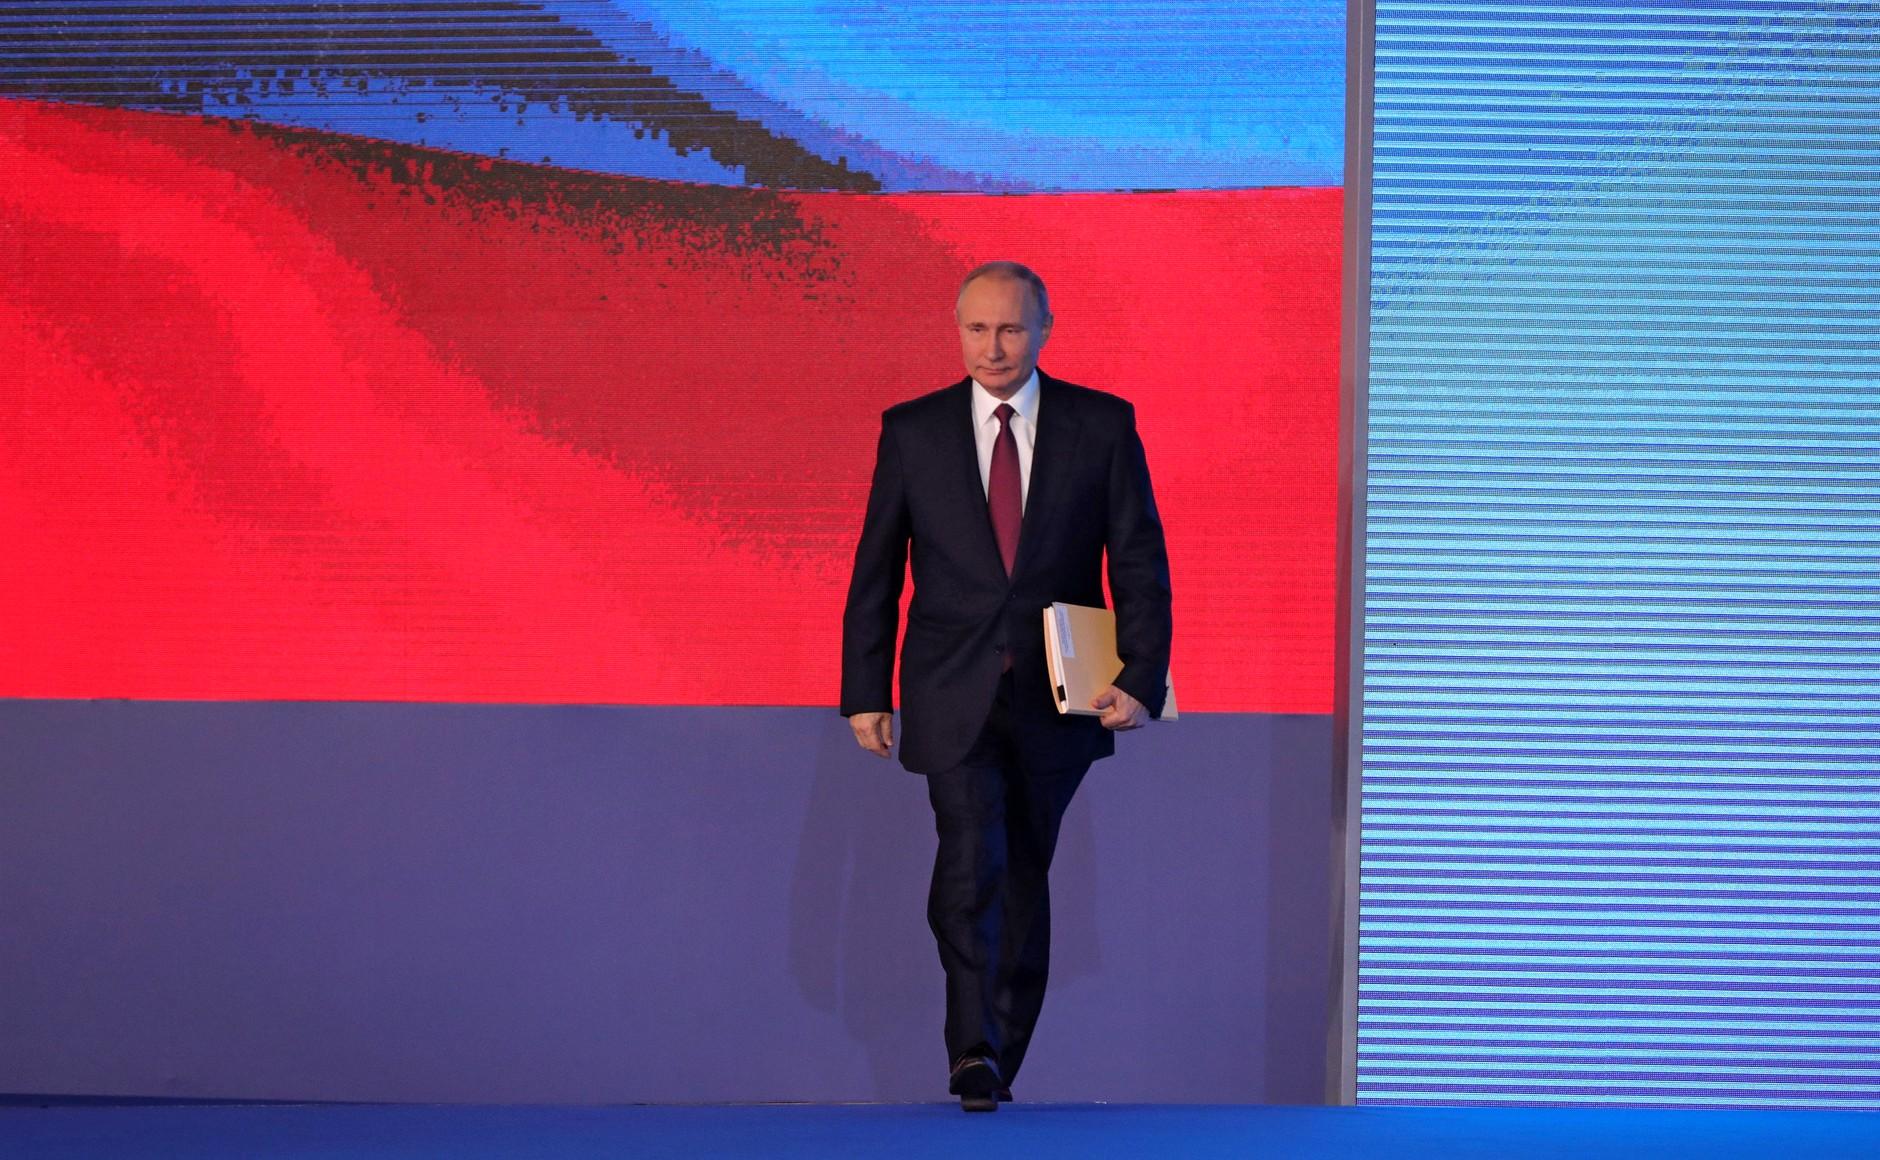 О выборах Путина и провале кремлевской операции в США